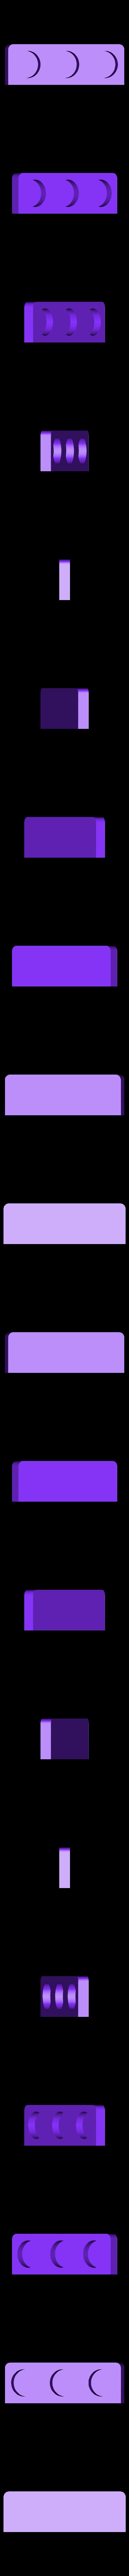 rule4.STL Télécharger fichier STL gratuit Imprimante à pochoir • Objet pour imprimante 3D, perinski